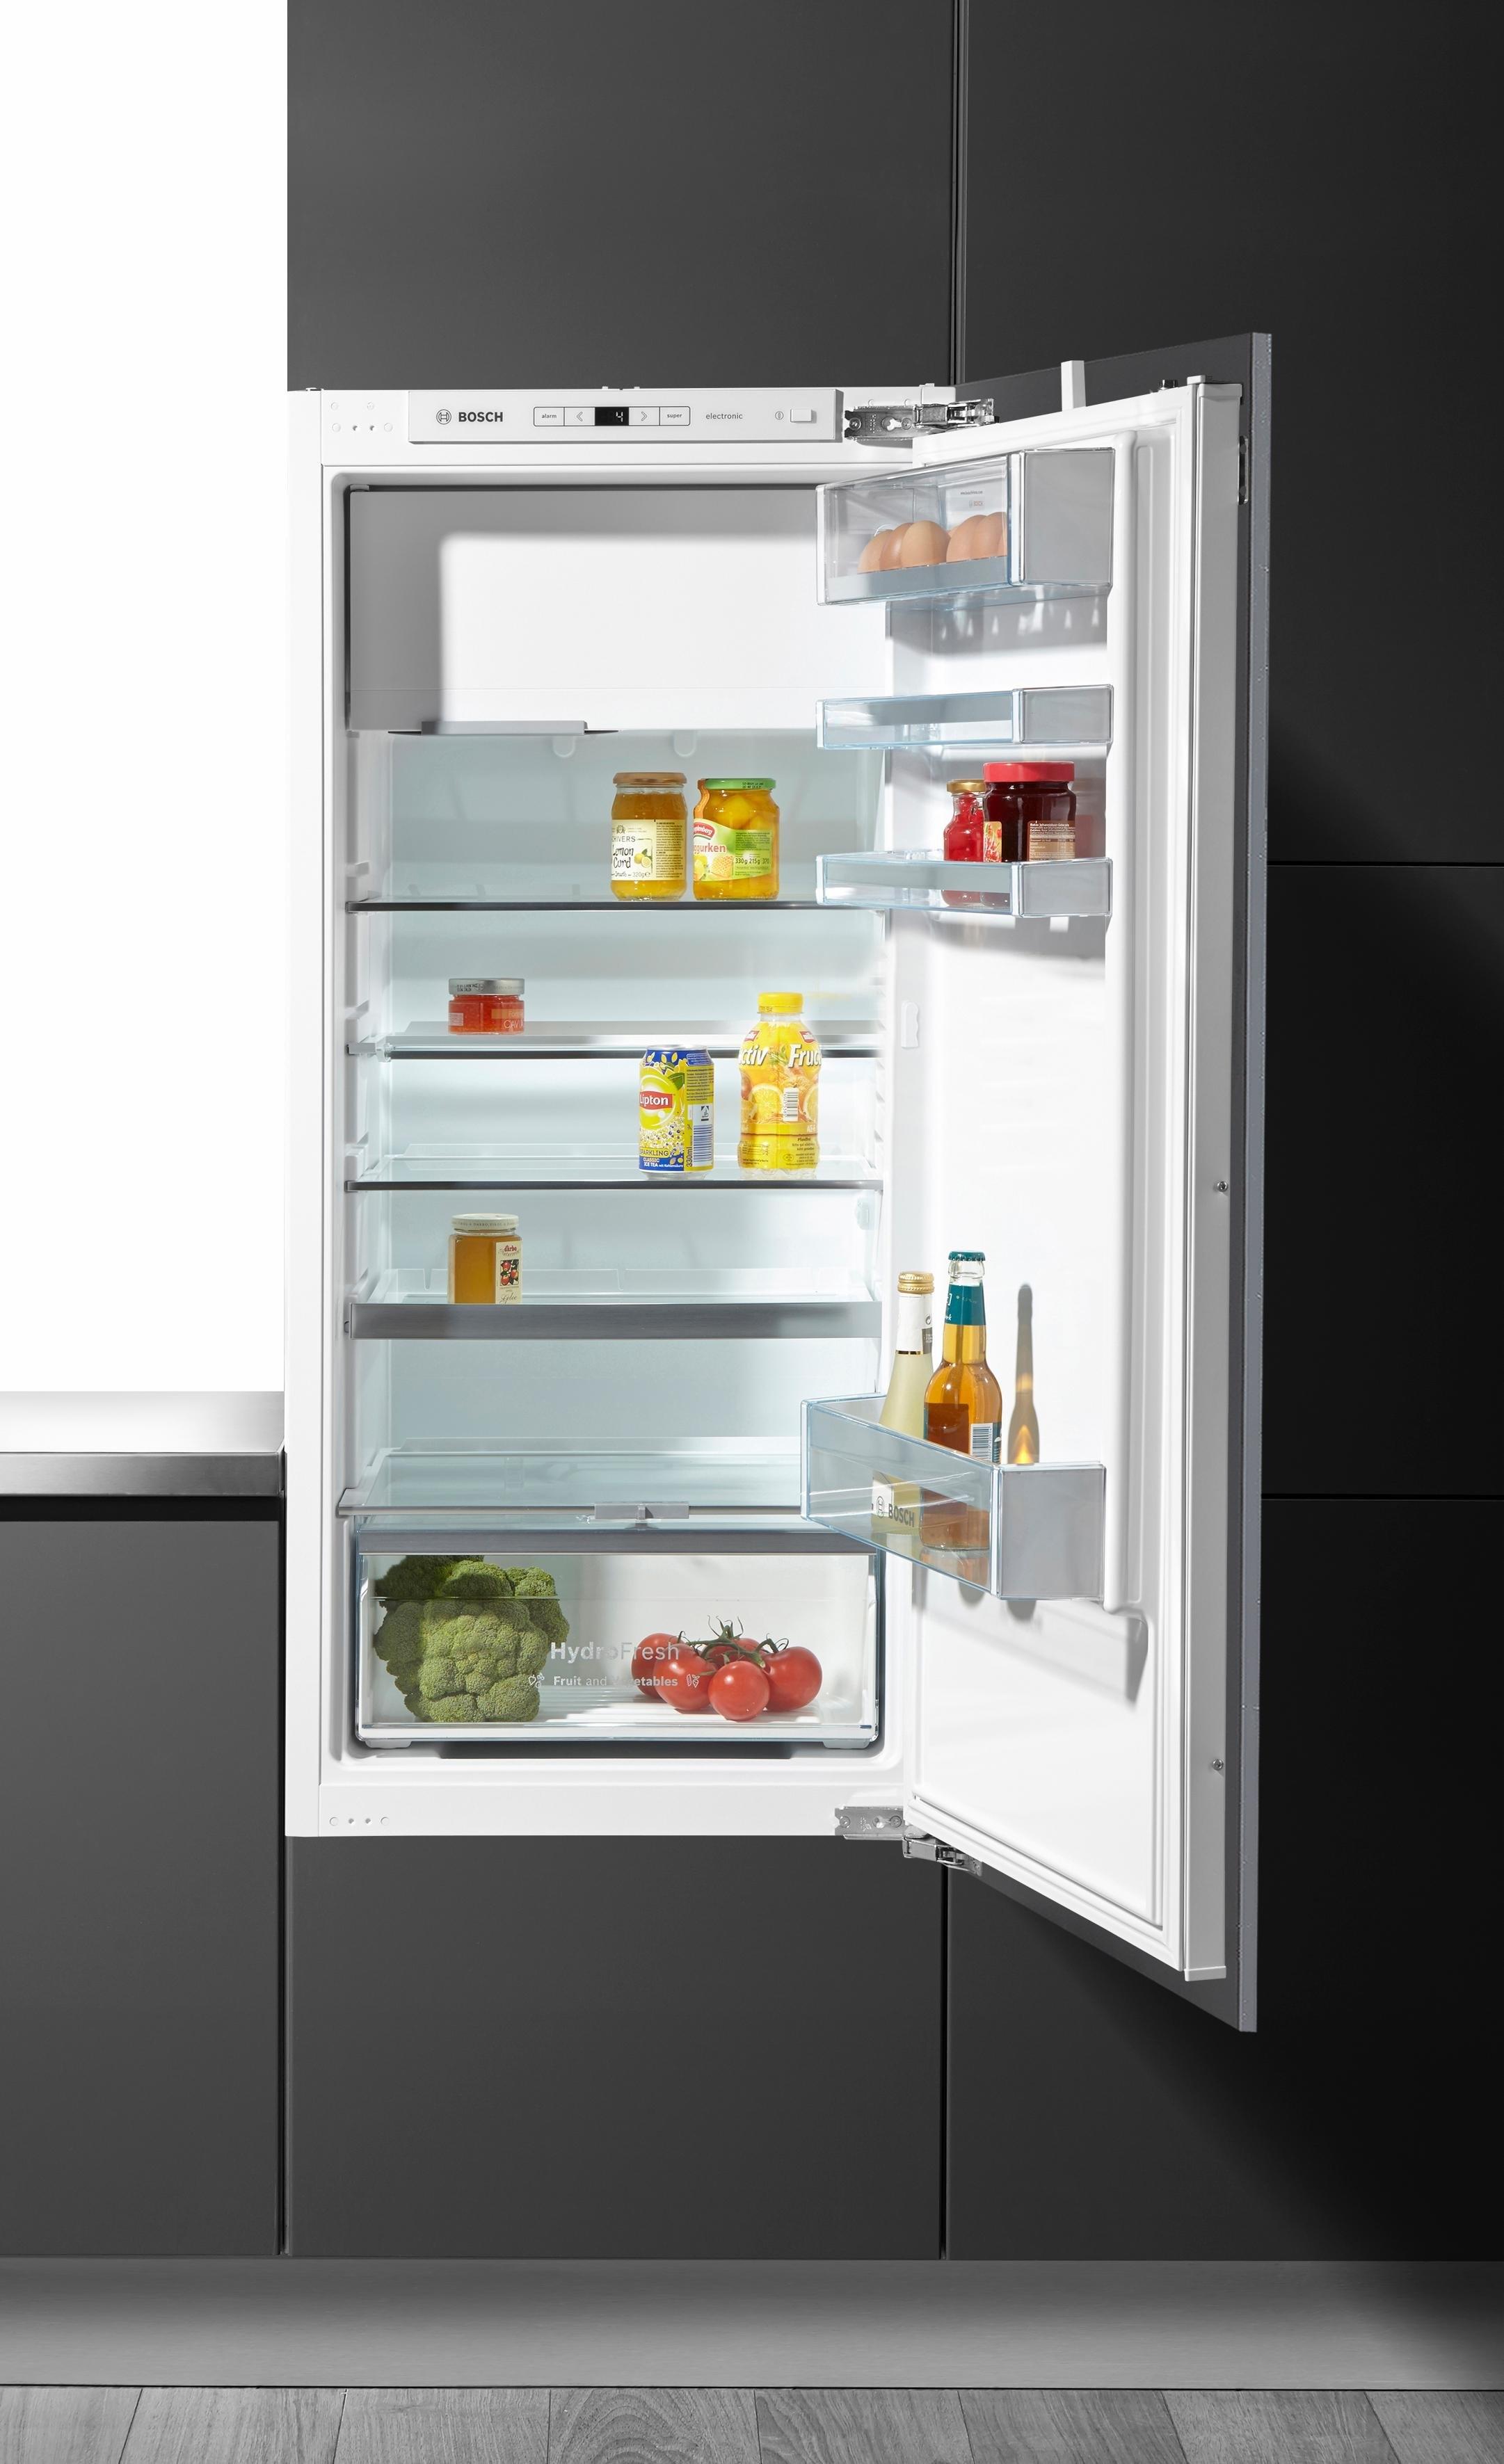 Bosch integreerbare inbouwkoelkast KIL42AD40, A+++, 122,5 cm hoog bij OTTO online kopen